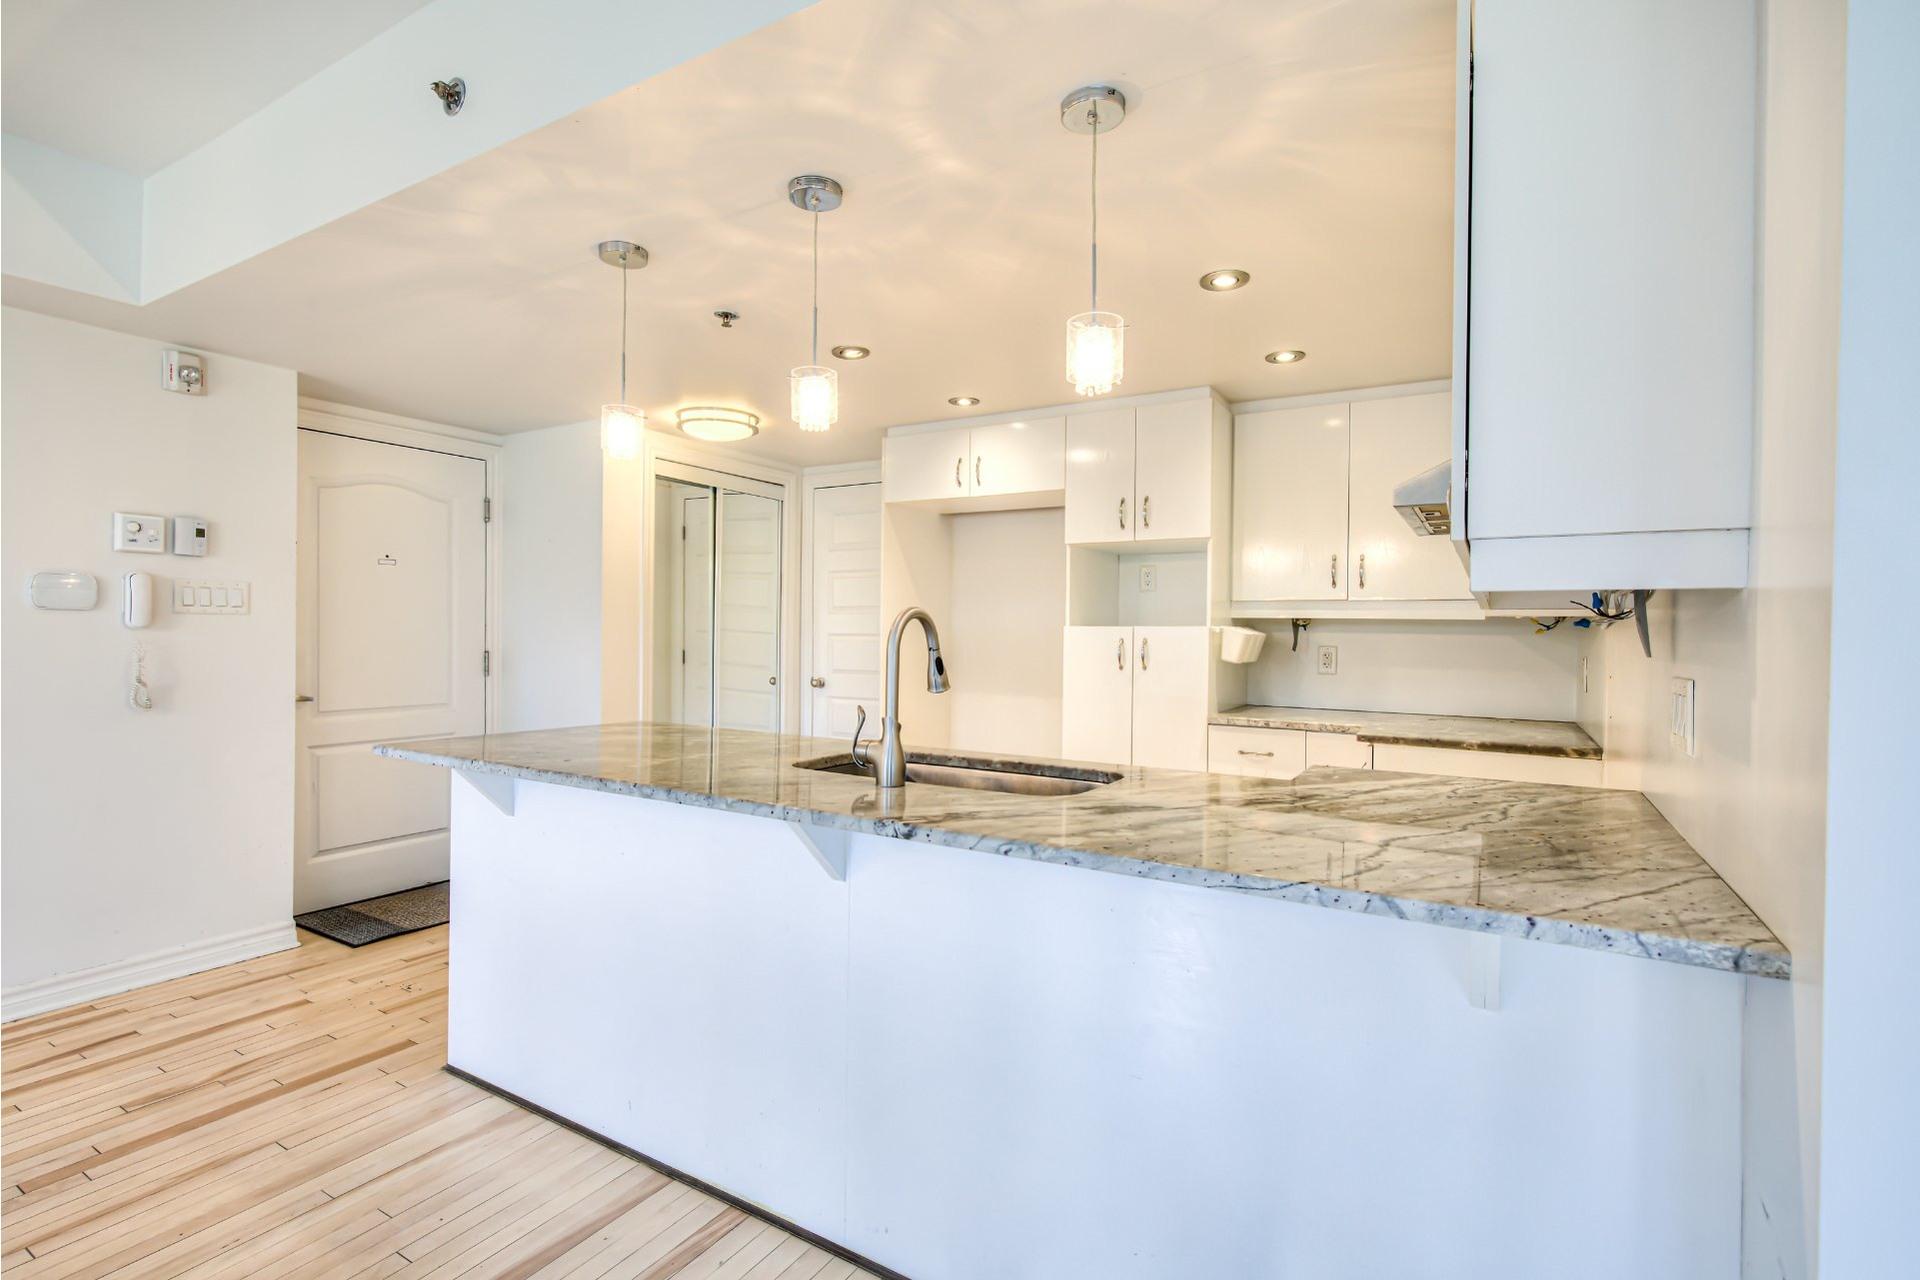 image 5 - Apartment For sale Saint-Laurent Montréal  - 6 rooms